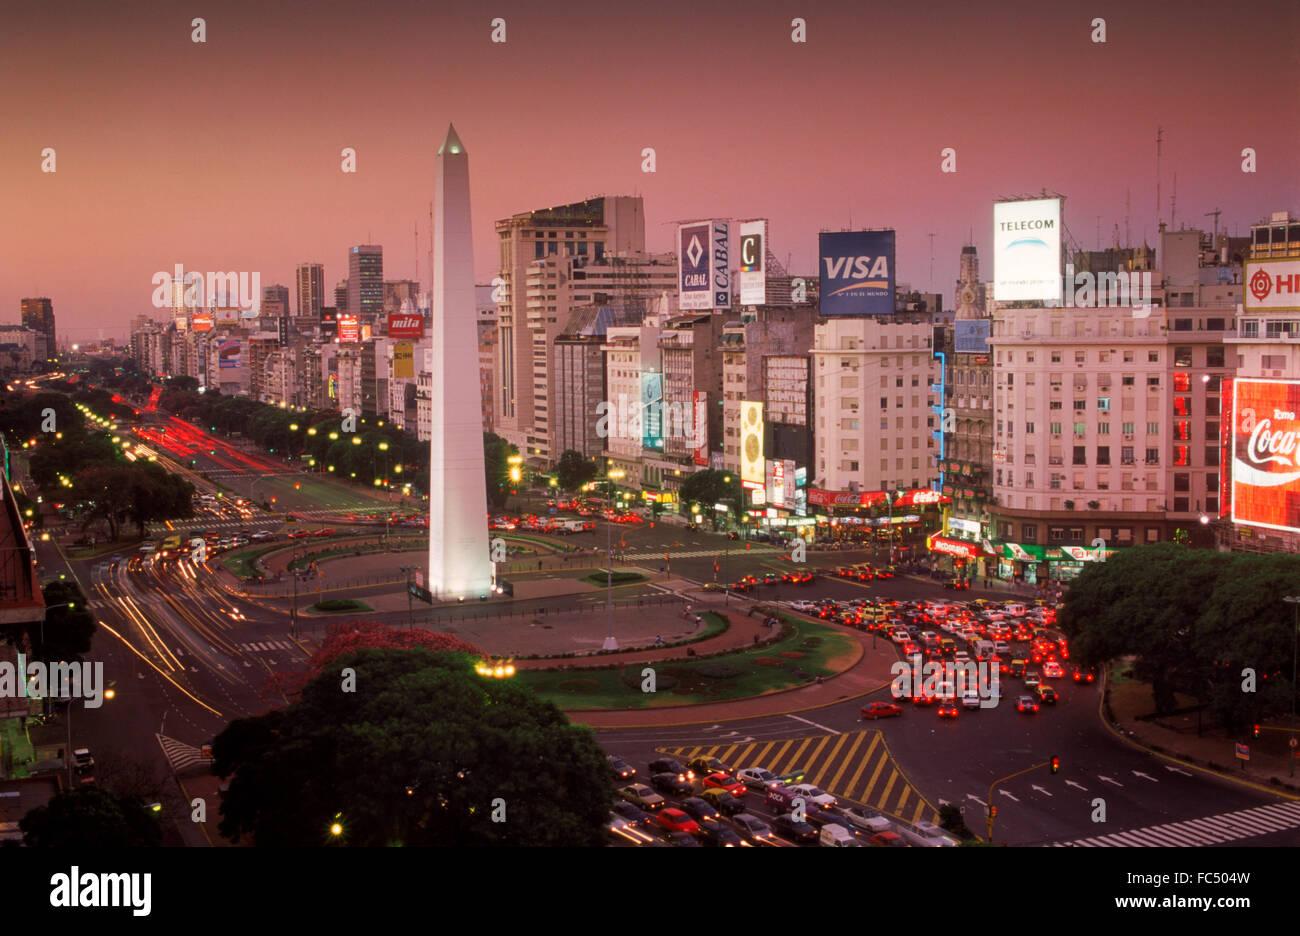 Avenida 9 de julio al atardecer en Buenos Aires, con el Obelisco y el tráfico Imagen De Stock